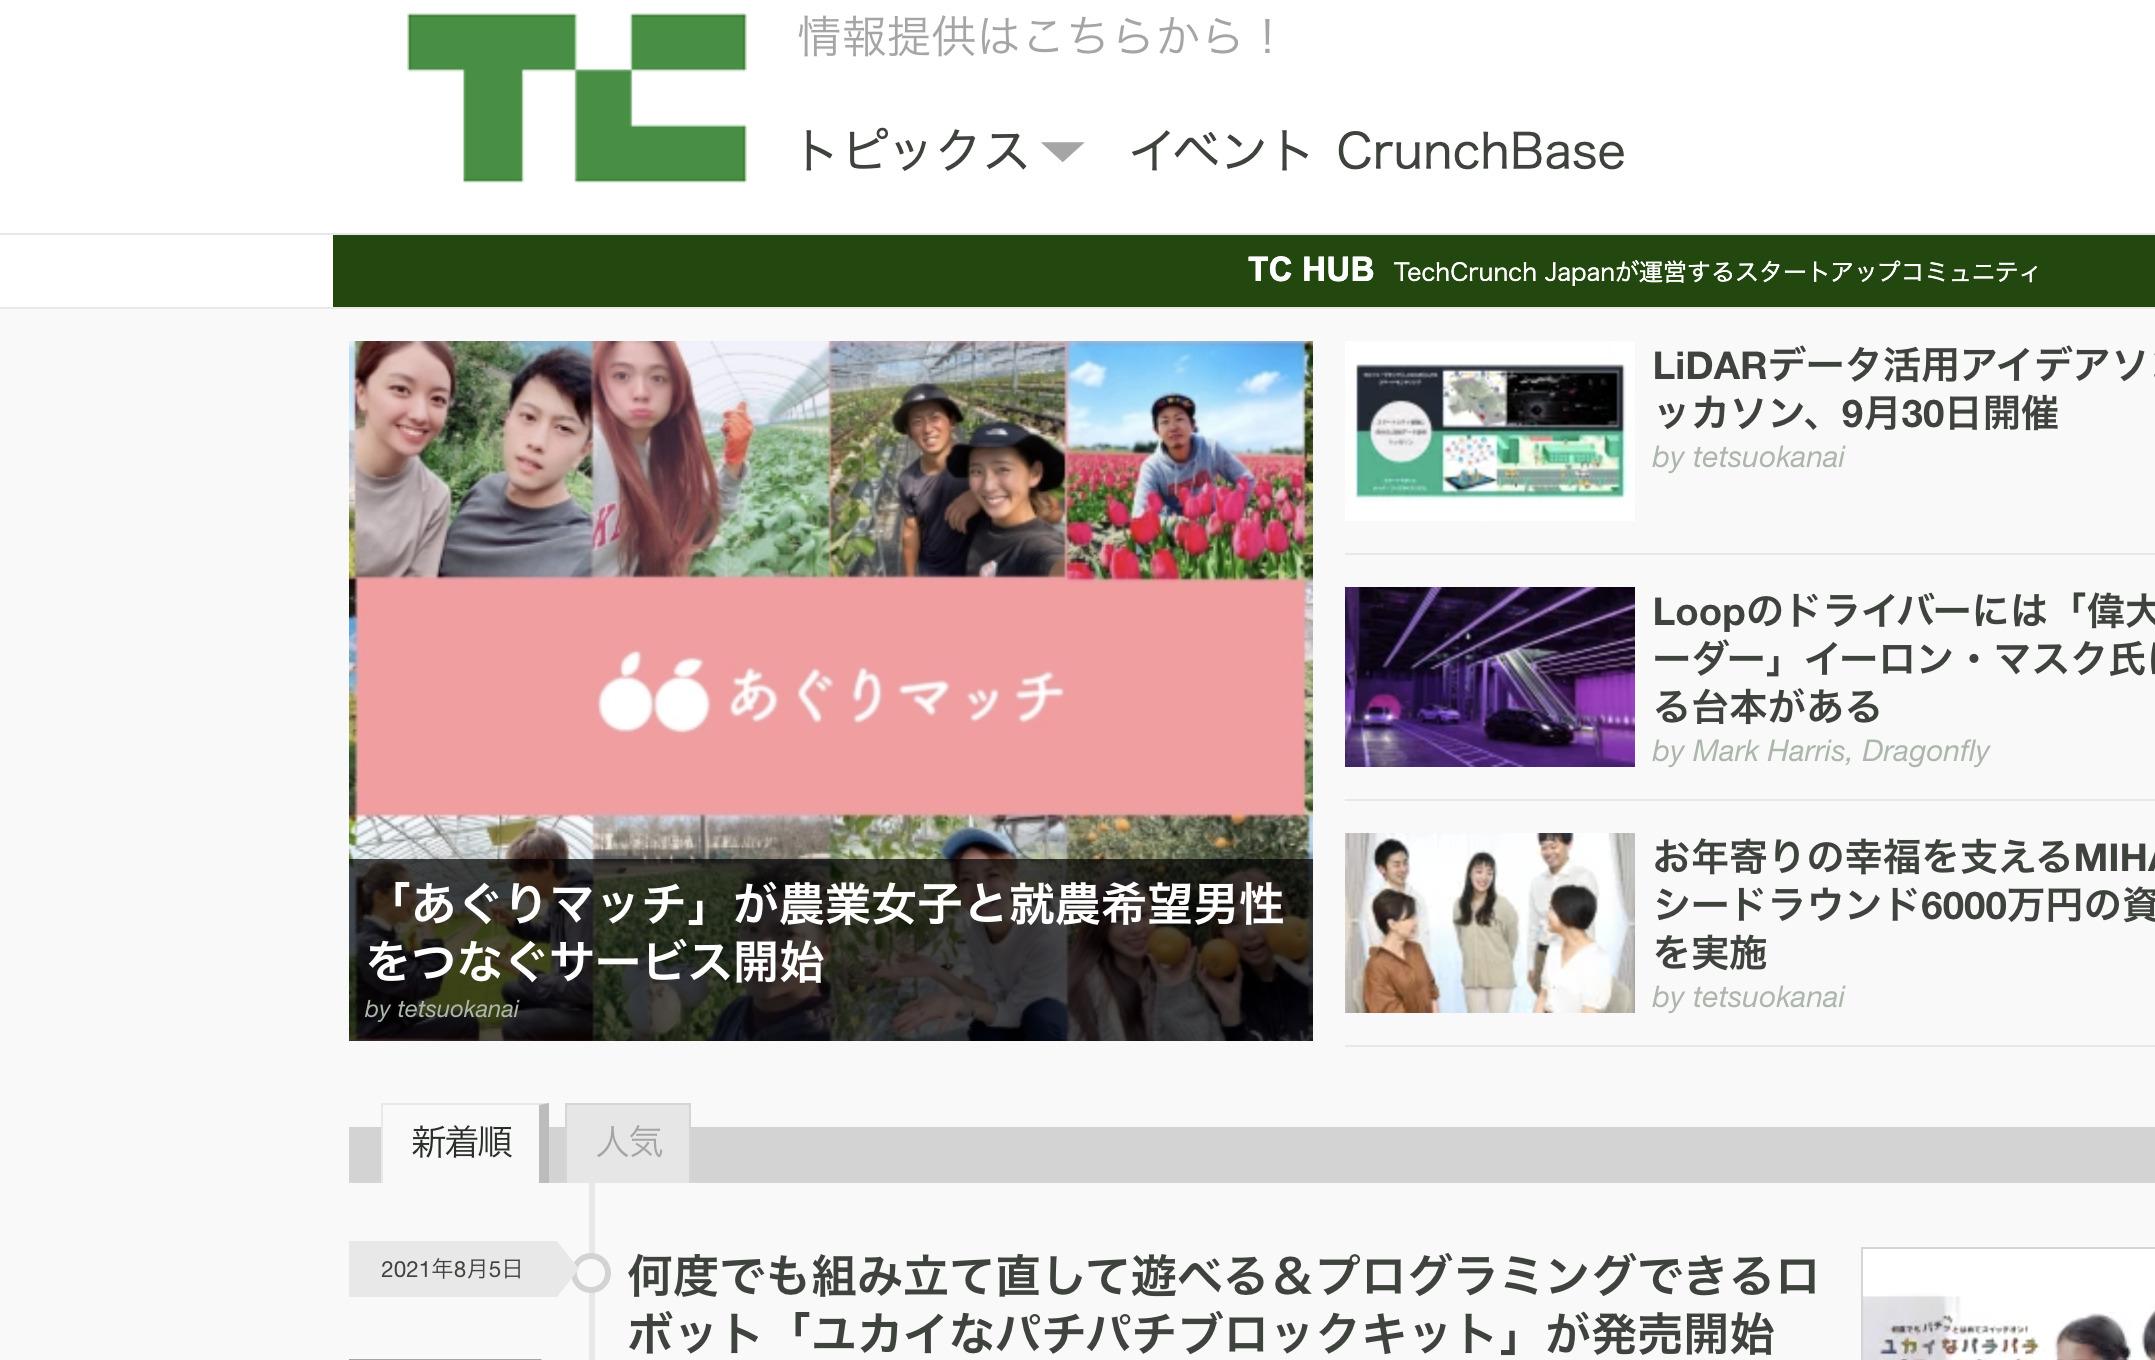 TechCrunchJapanのトップに あぐりマッチ